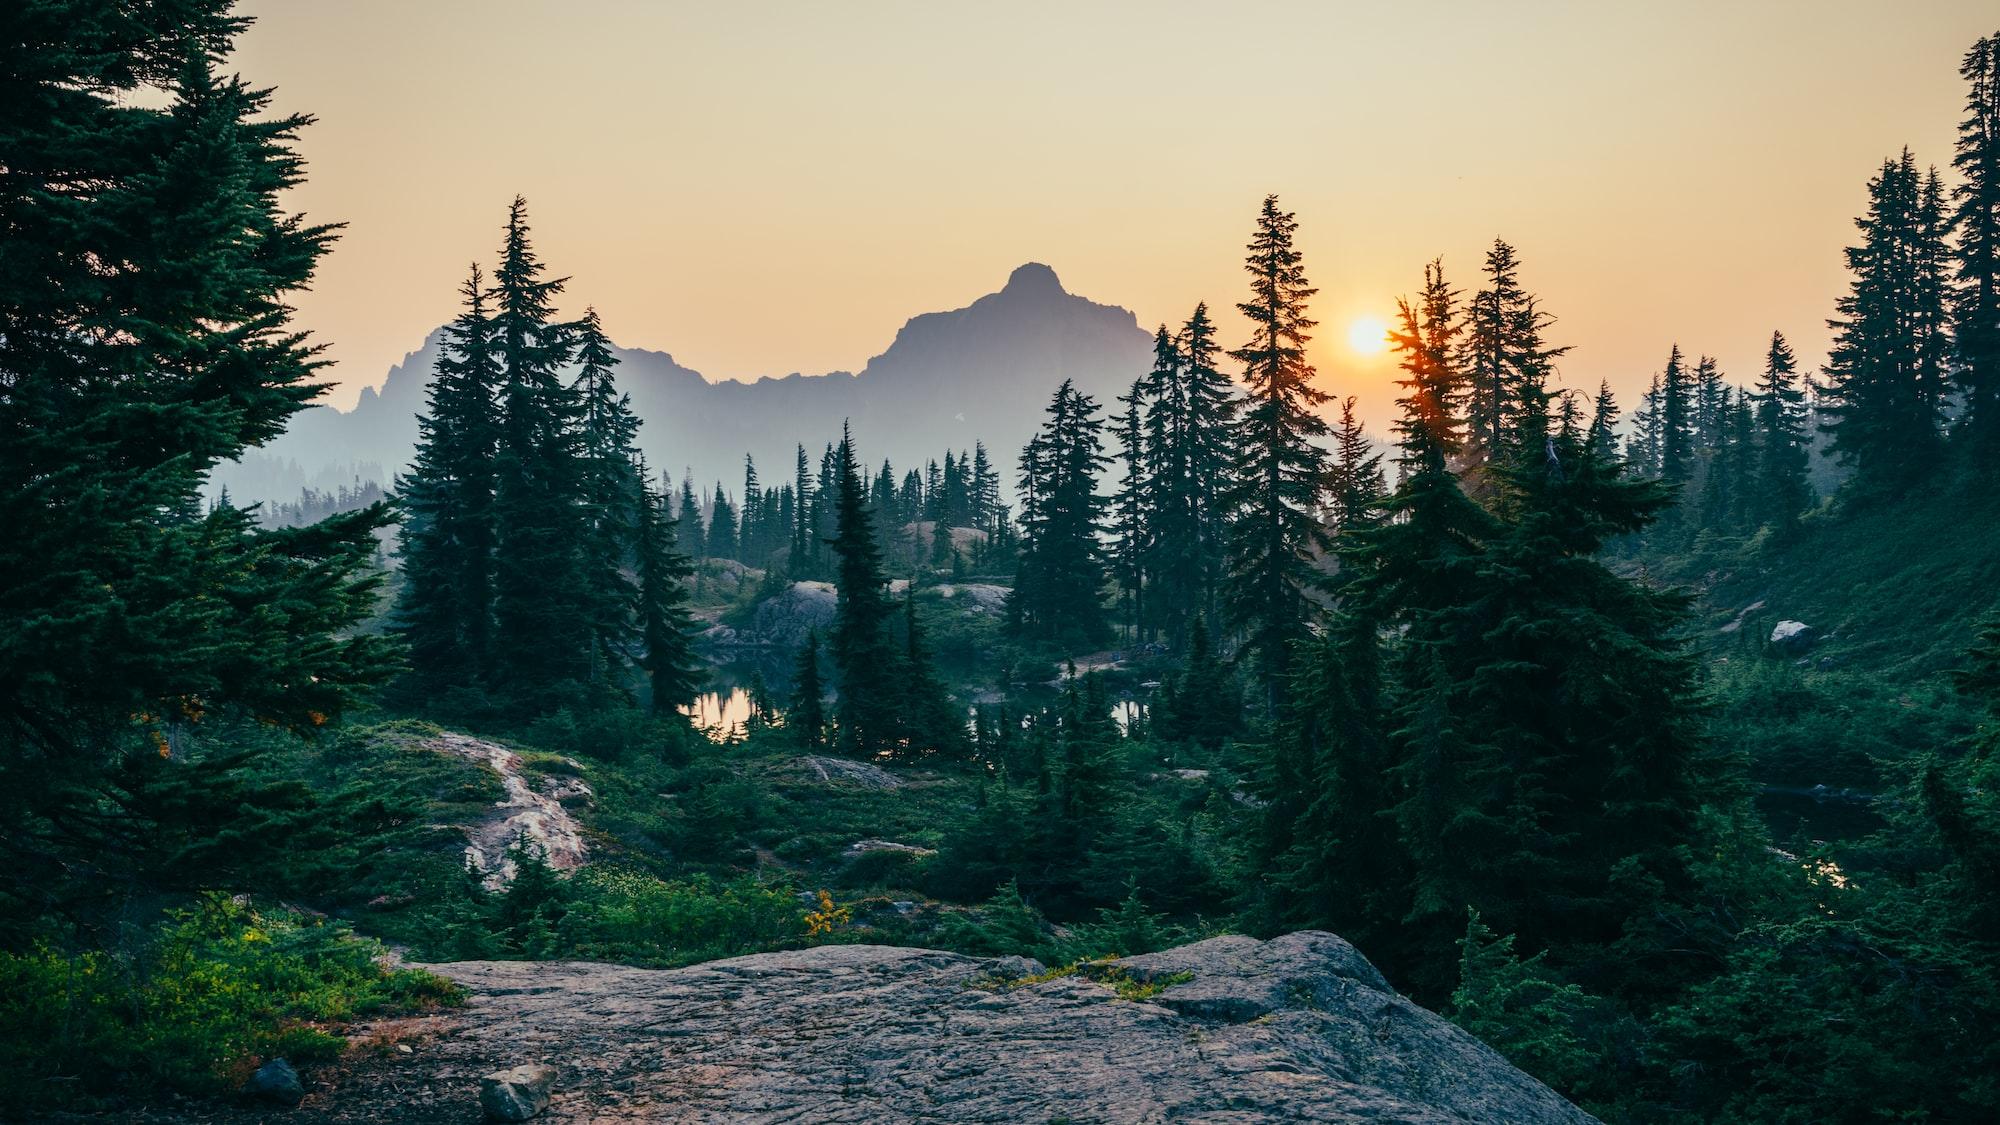 Smoky morning in Cascades